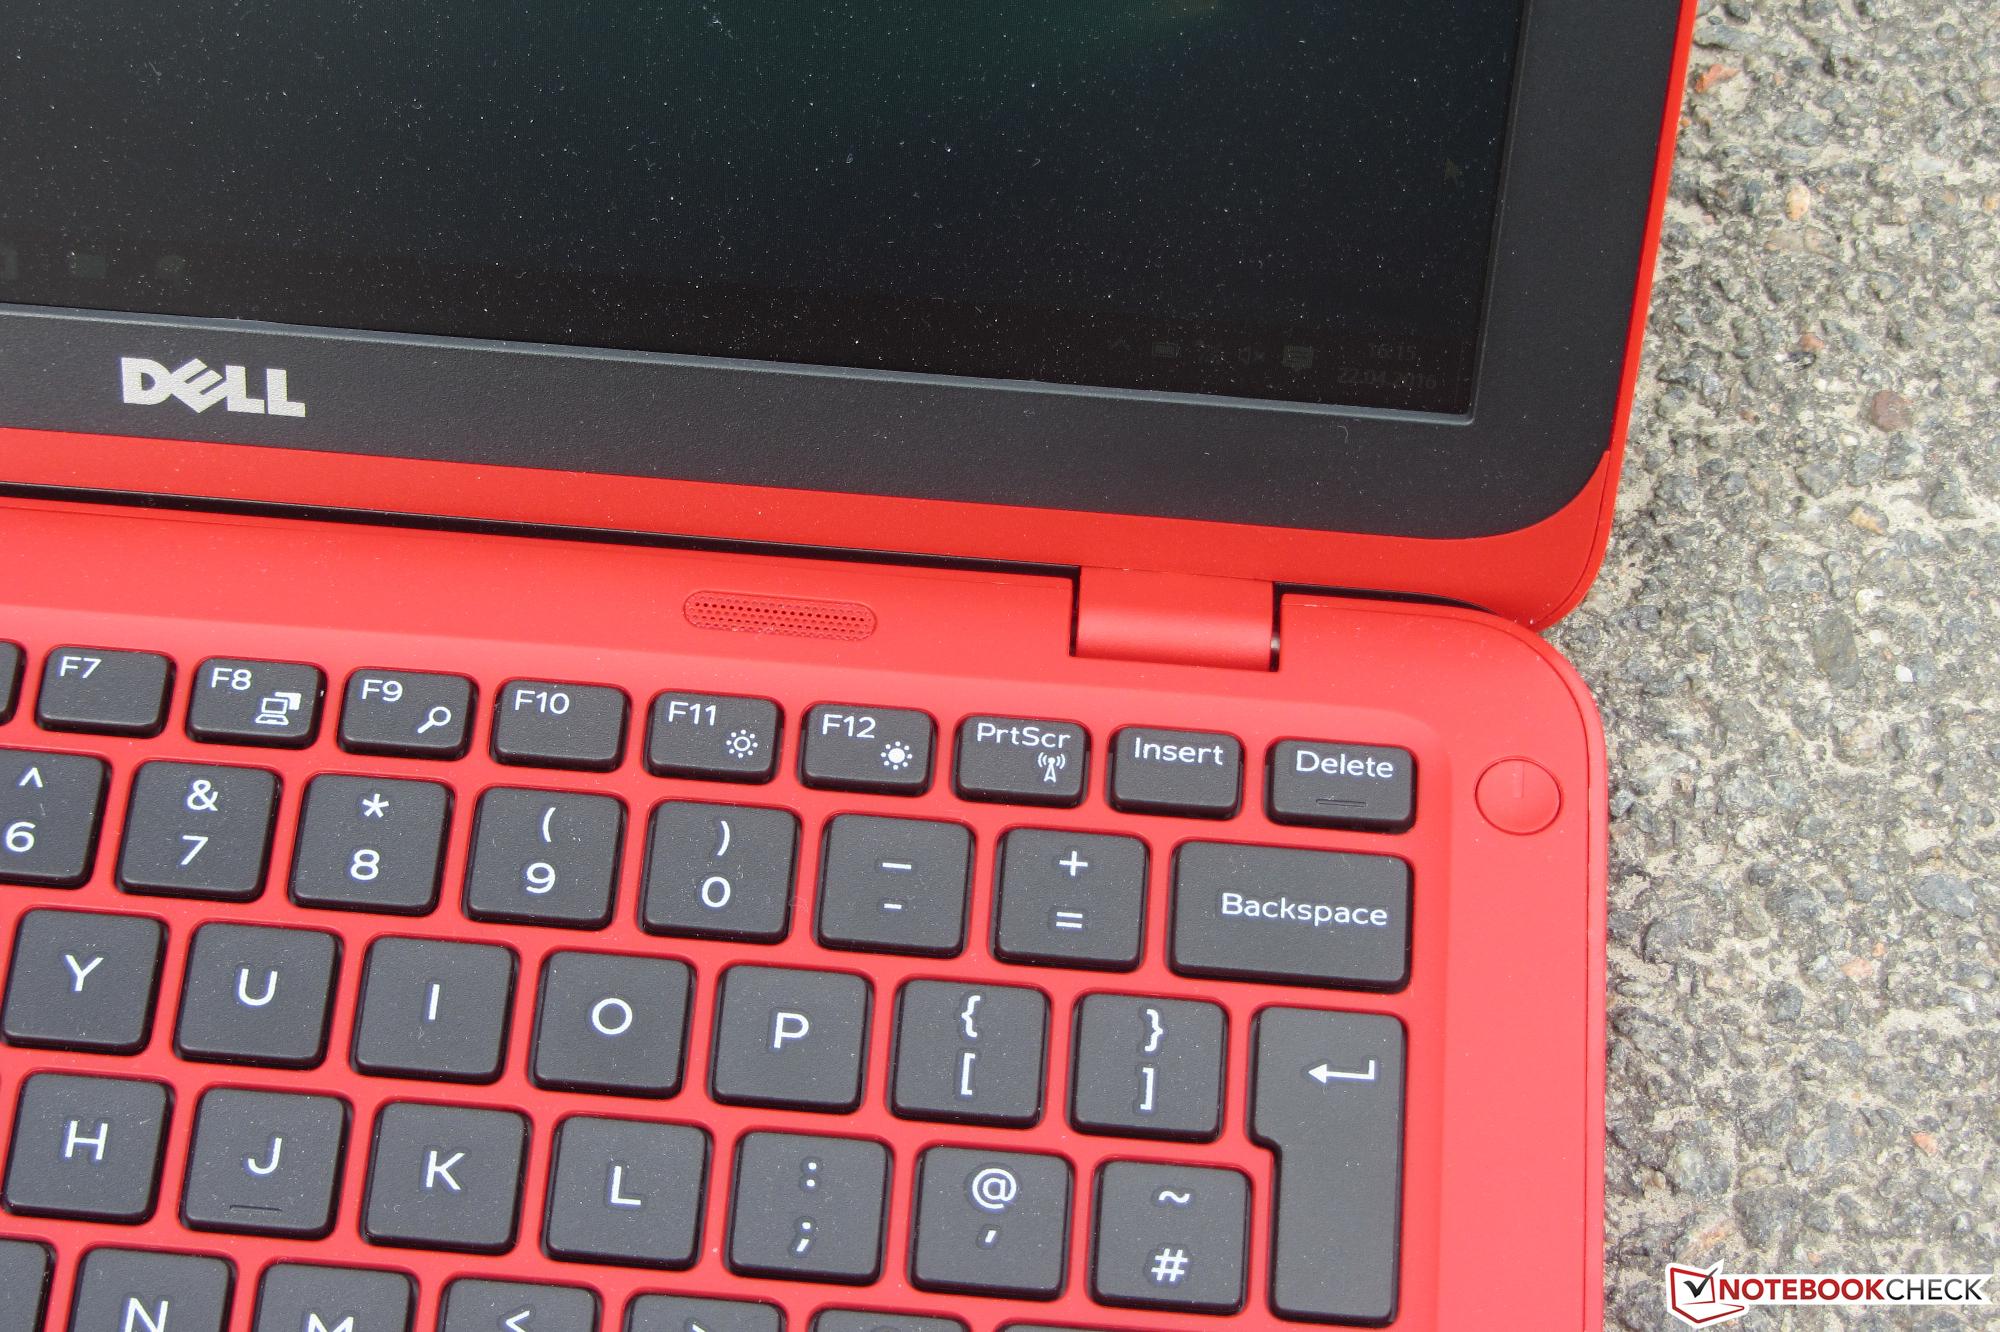 Fein Dell Laptop Netzteil Schema Ideen - Der Schaltplan ...